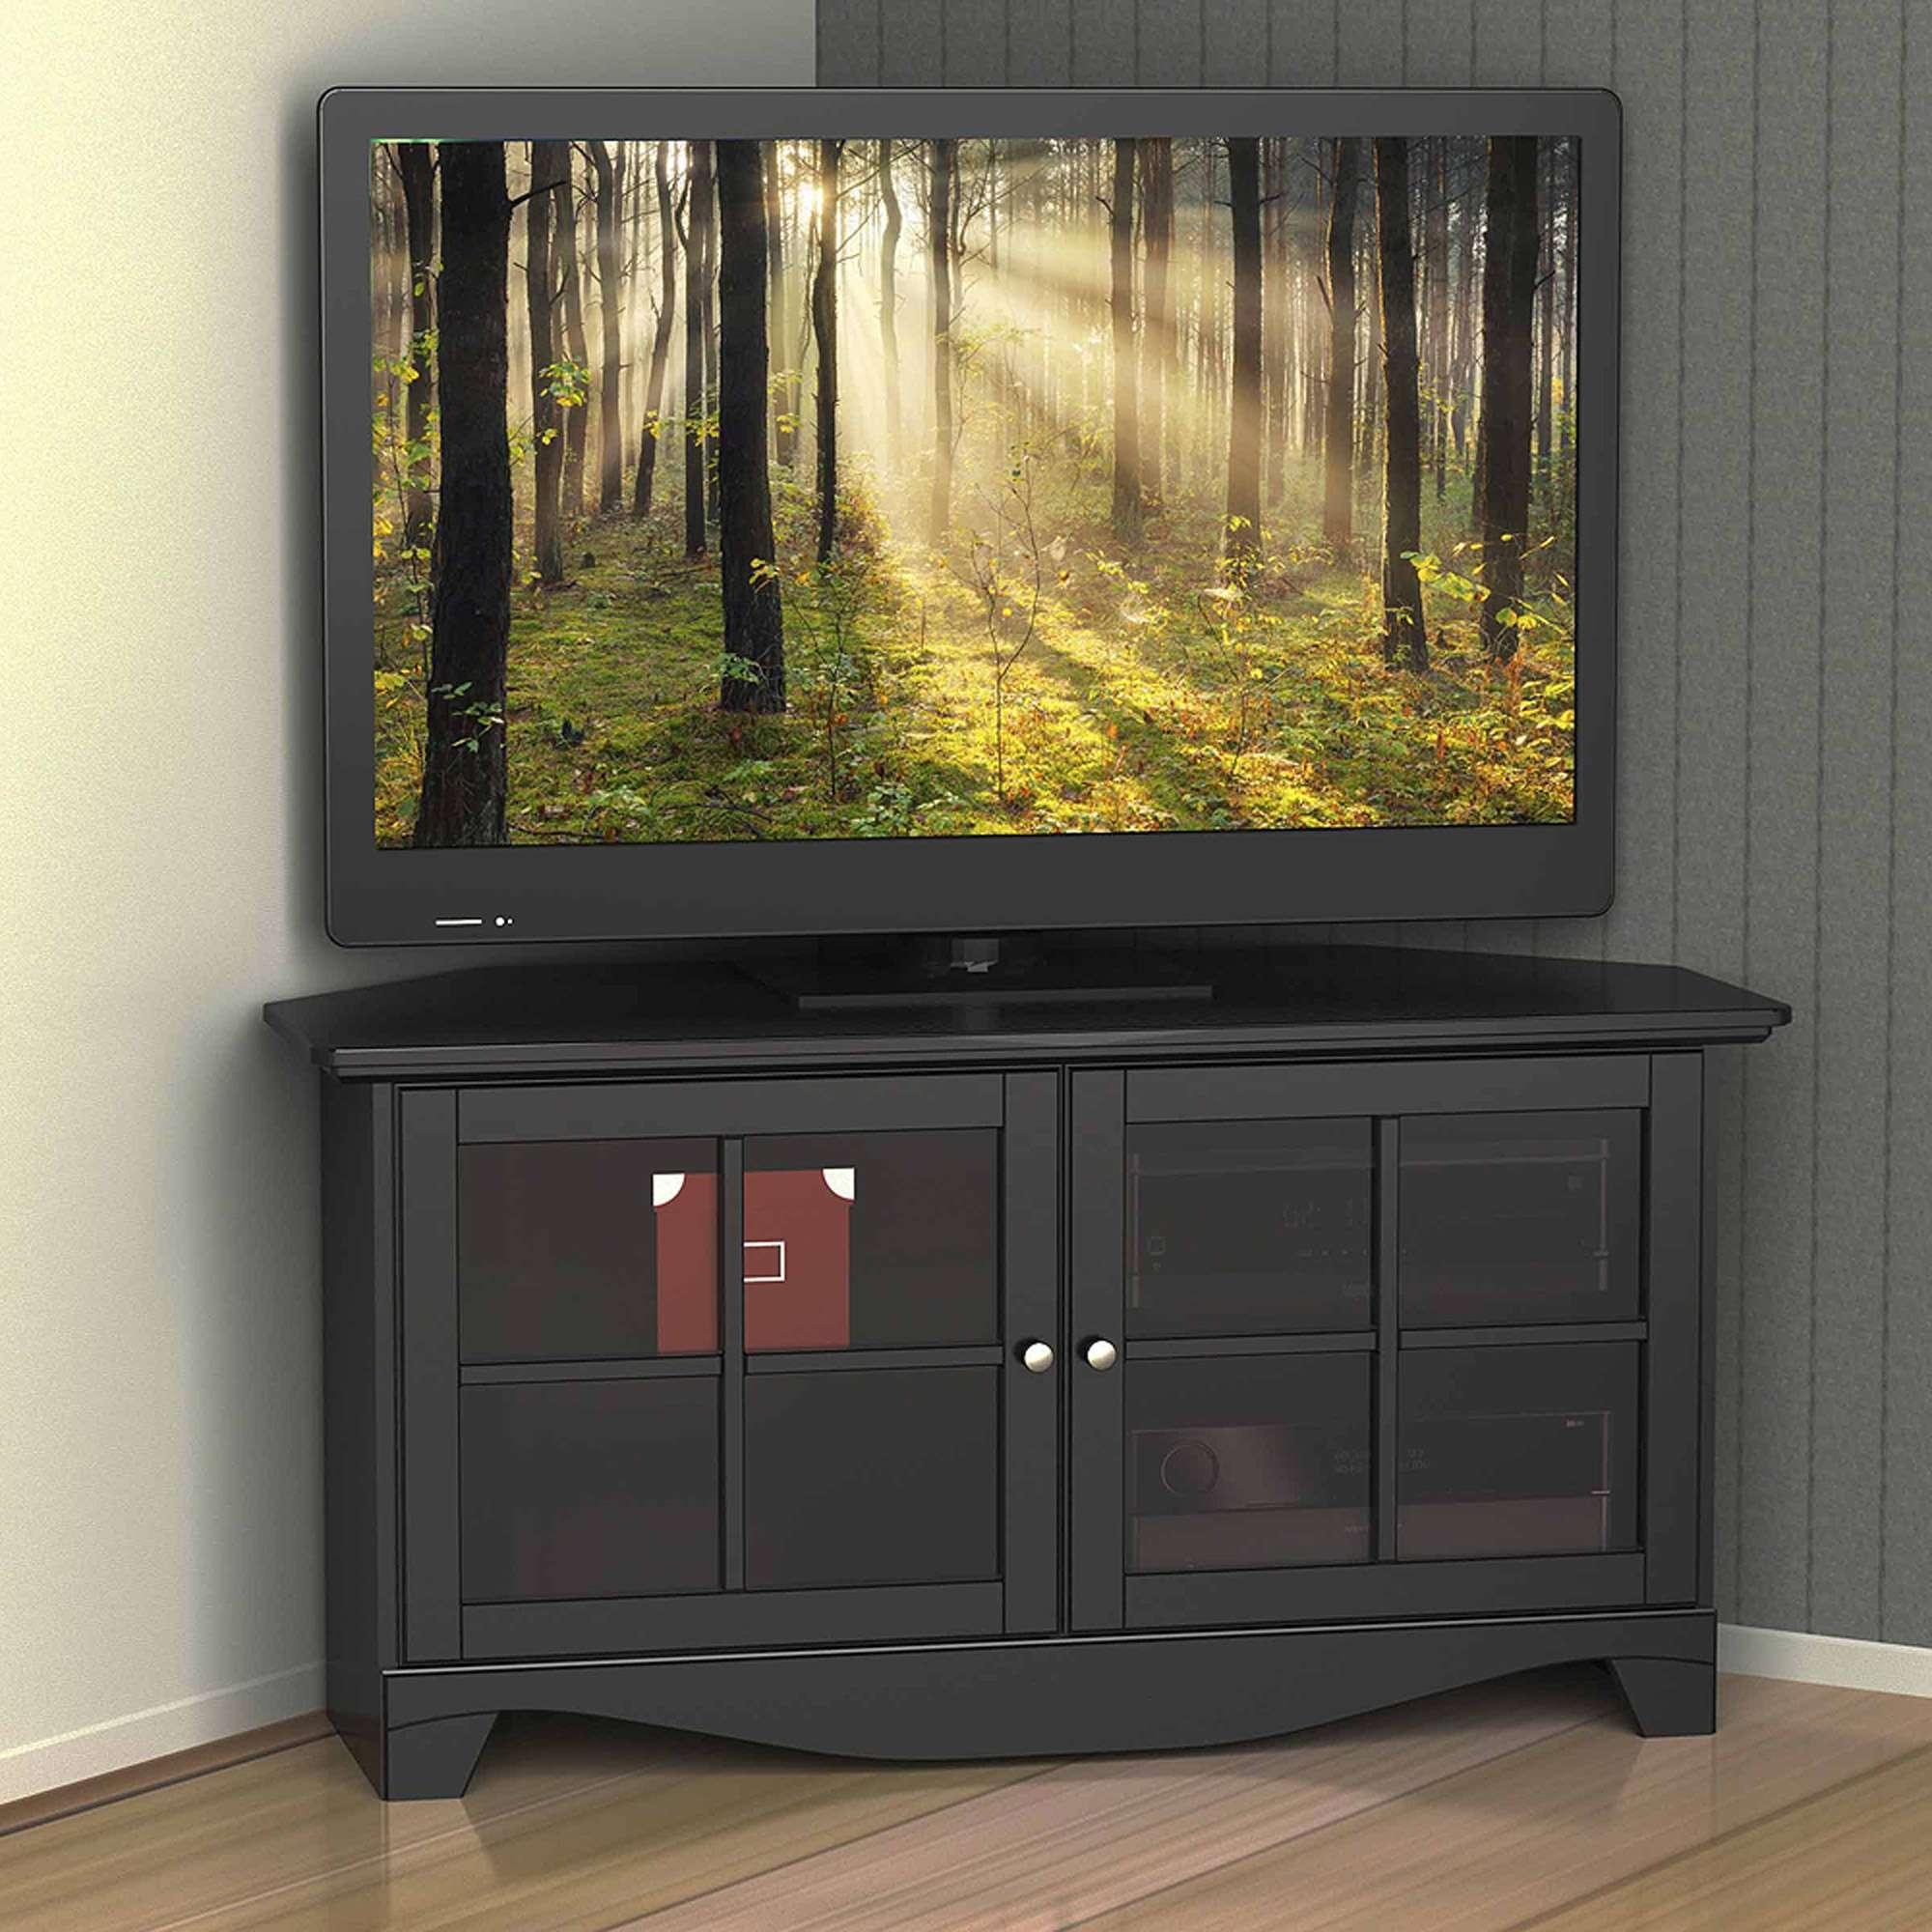 Nexera Pinnacle Black 2 Door Corner Tv Stand For Tvs Up To 49 Pertaining To Cornet Tv Stands (View 11 of 15)